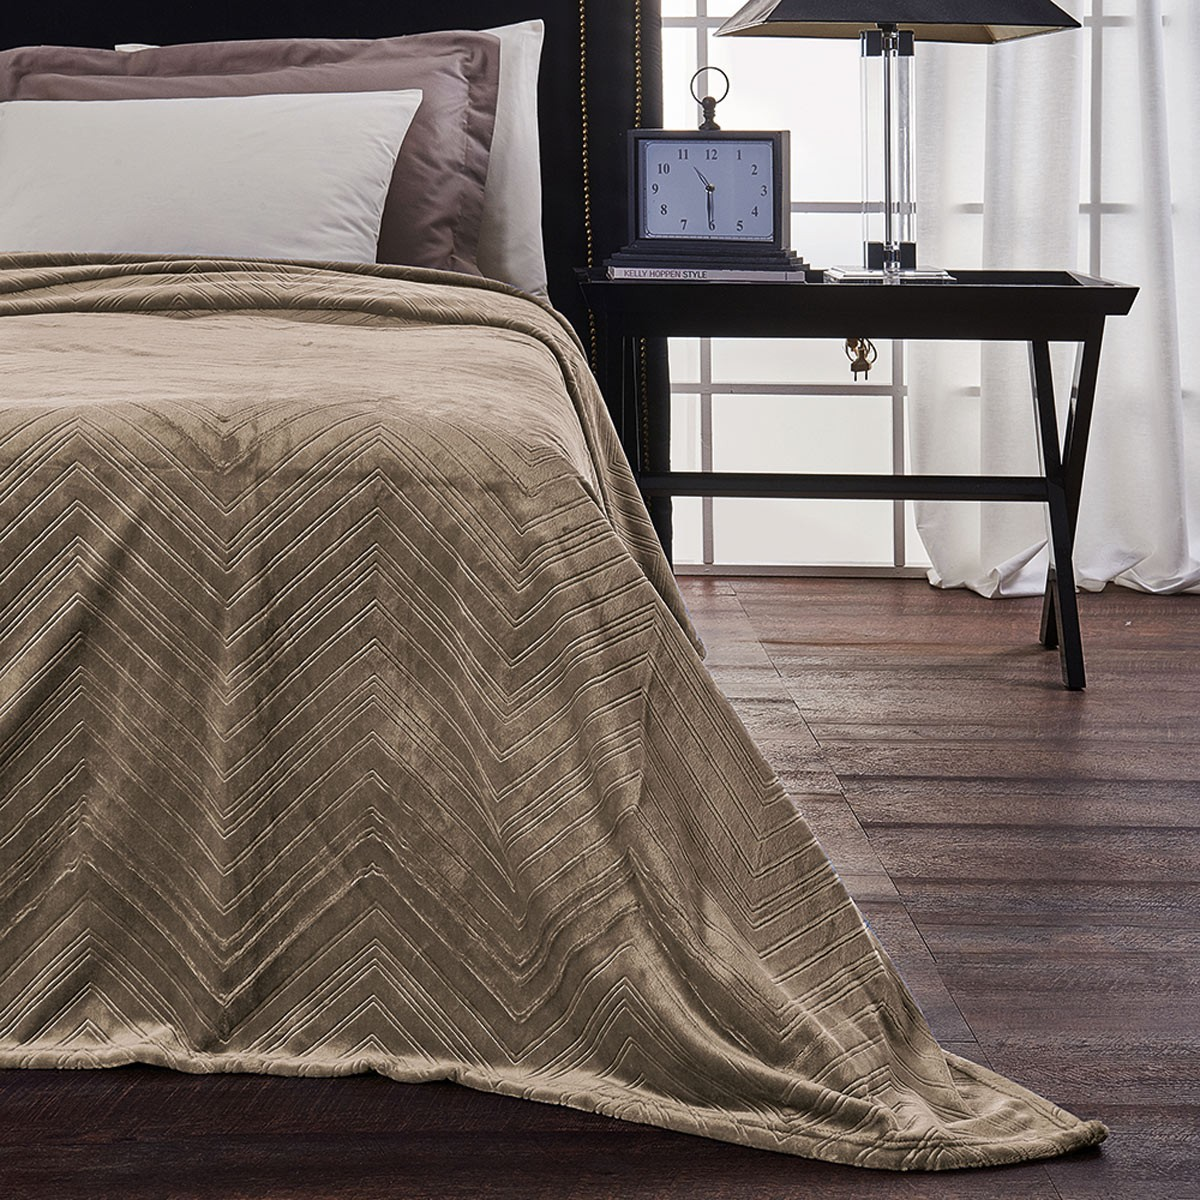 Κουβέρτα Fleece Υπέρδιπλη V19.69 Angolo Taupe